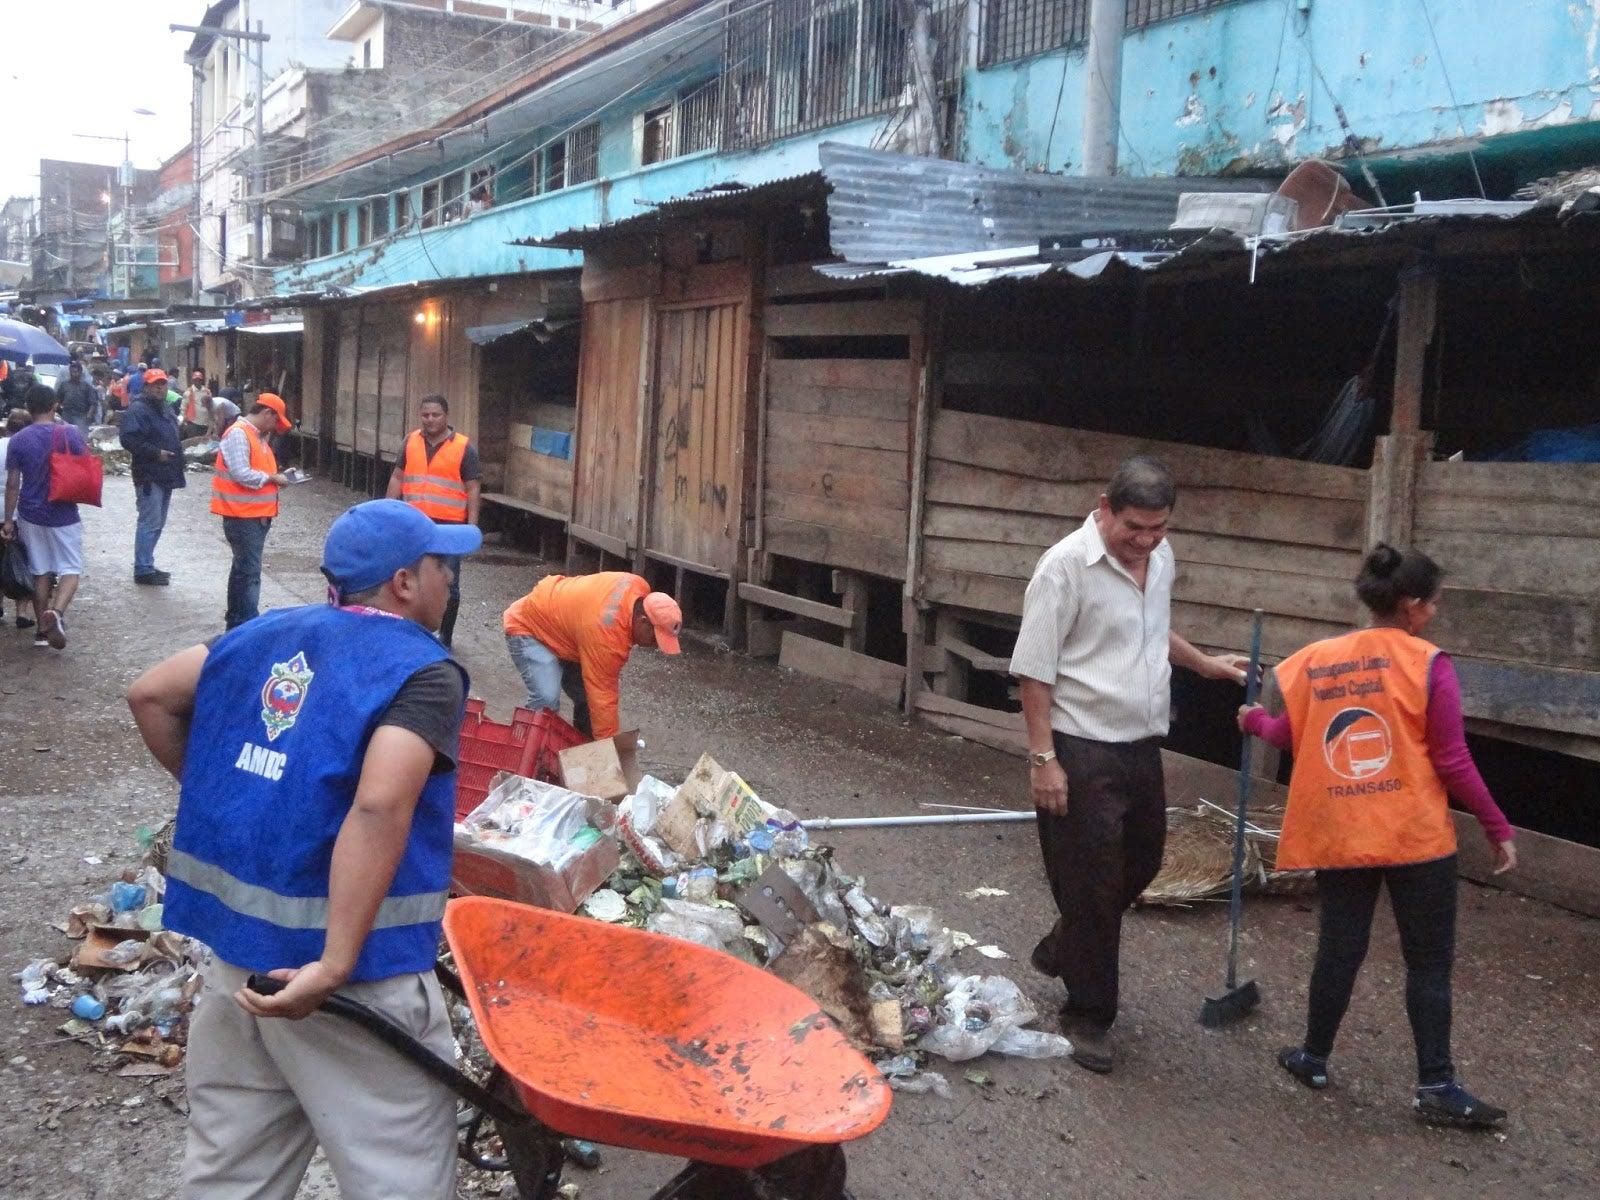 Alcaldía capitalina recogió al menos 10 toneladas de basura durante la Semana Santa